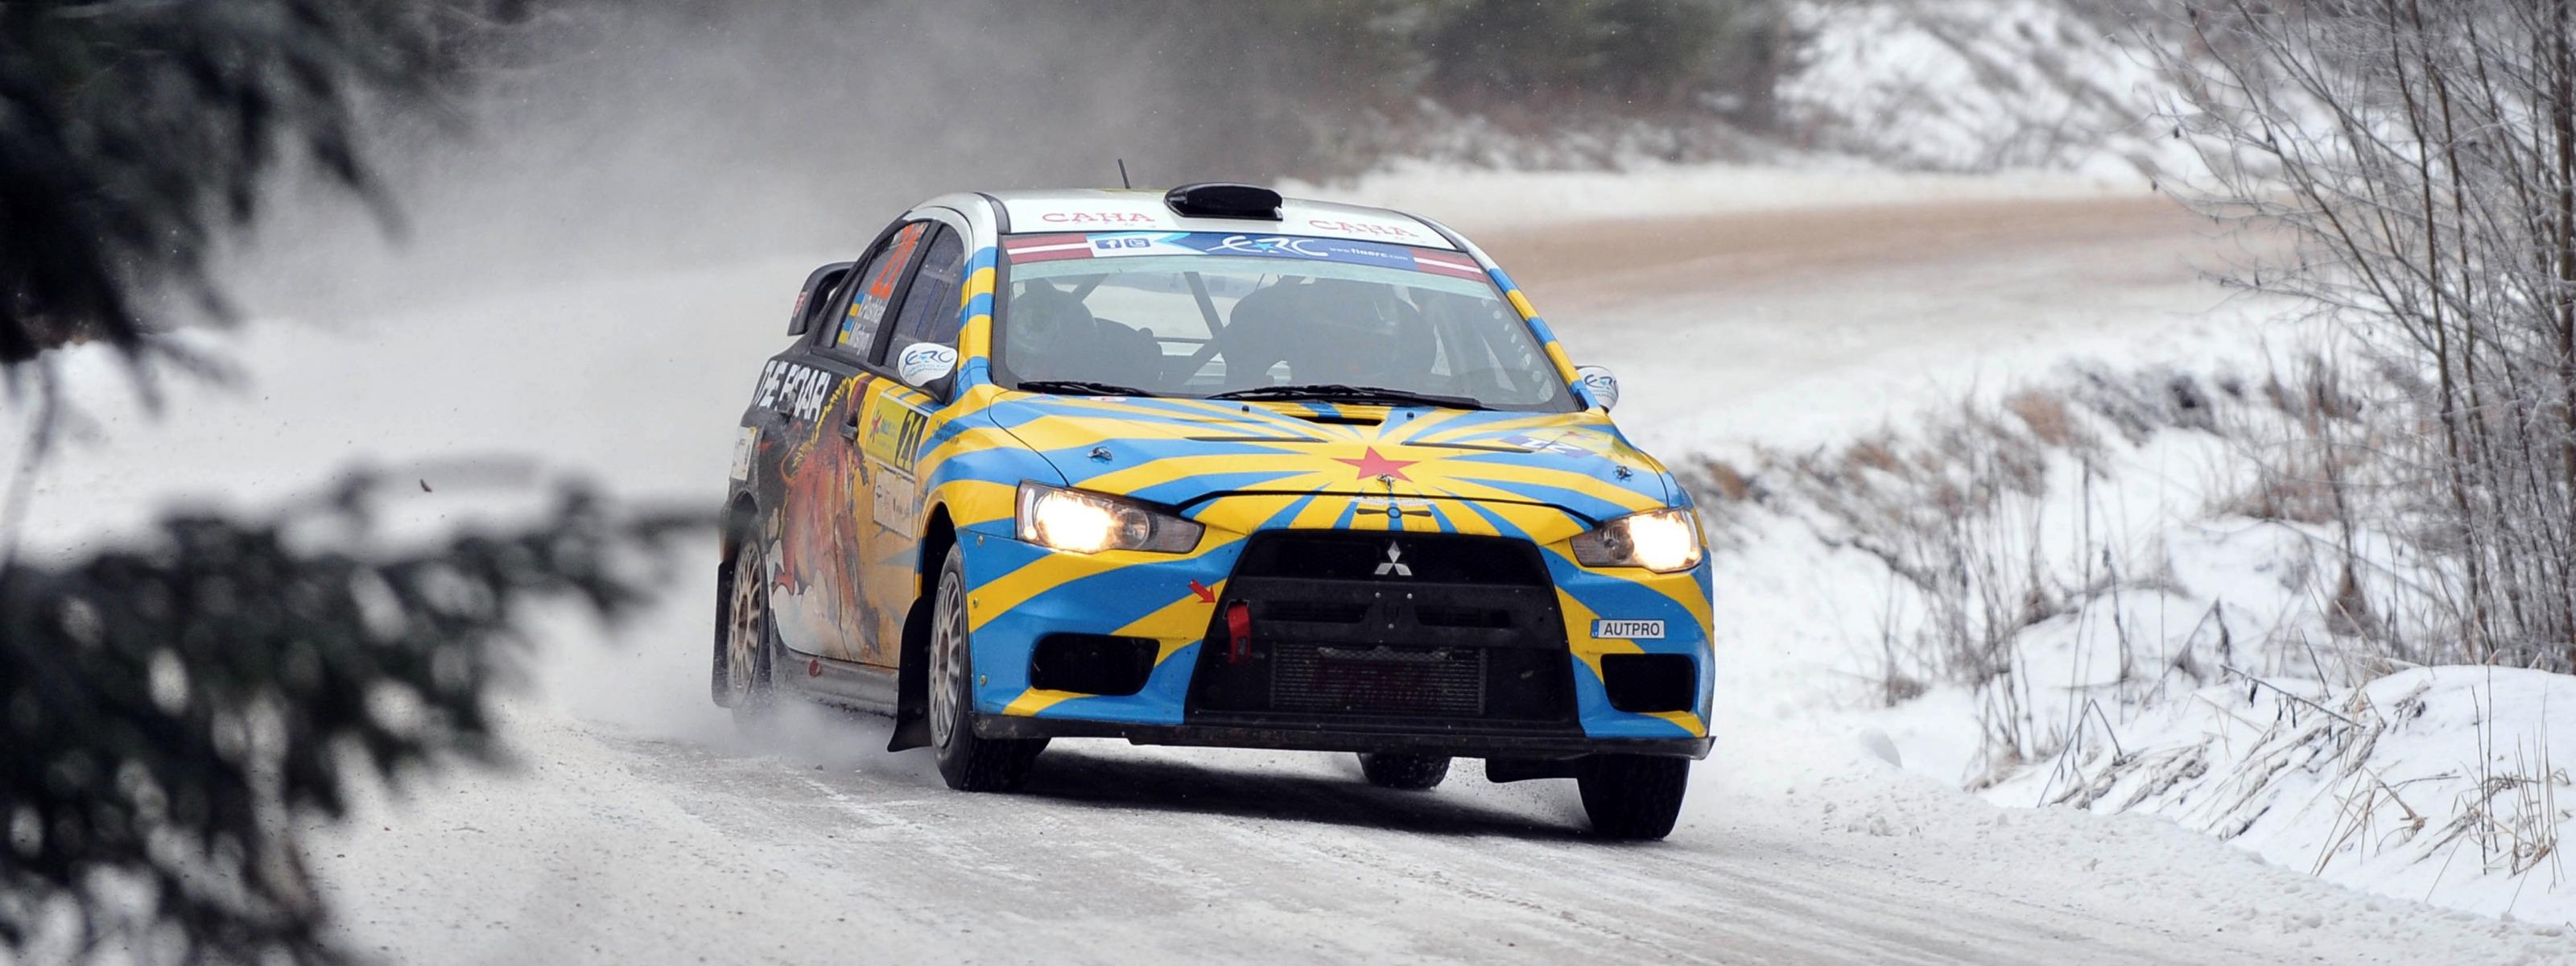 зимняя гонка фрэнки машины очередной статье